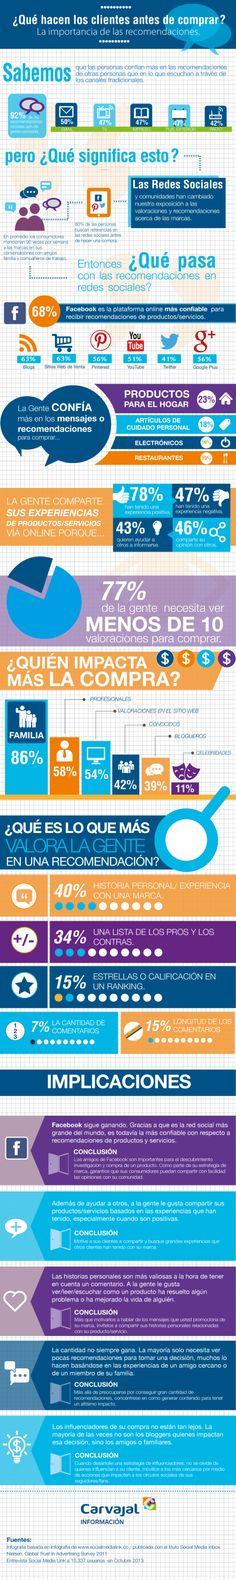 Una interesante #Infografía sobre el comportamiento del #Consumidor durante la decisión de compra.